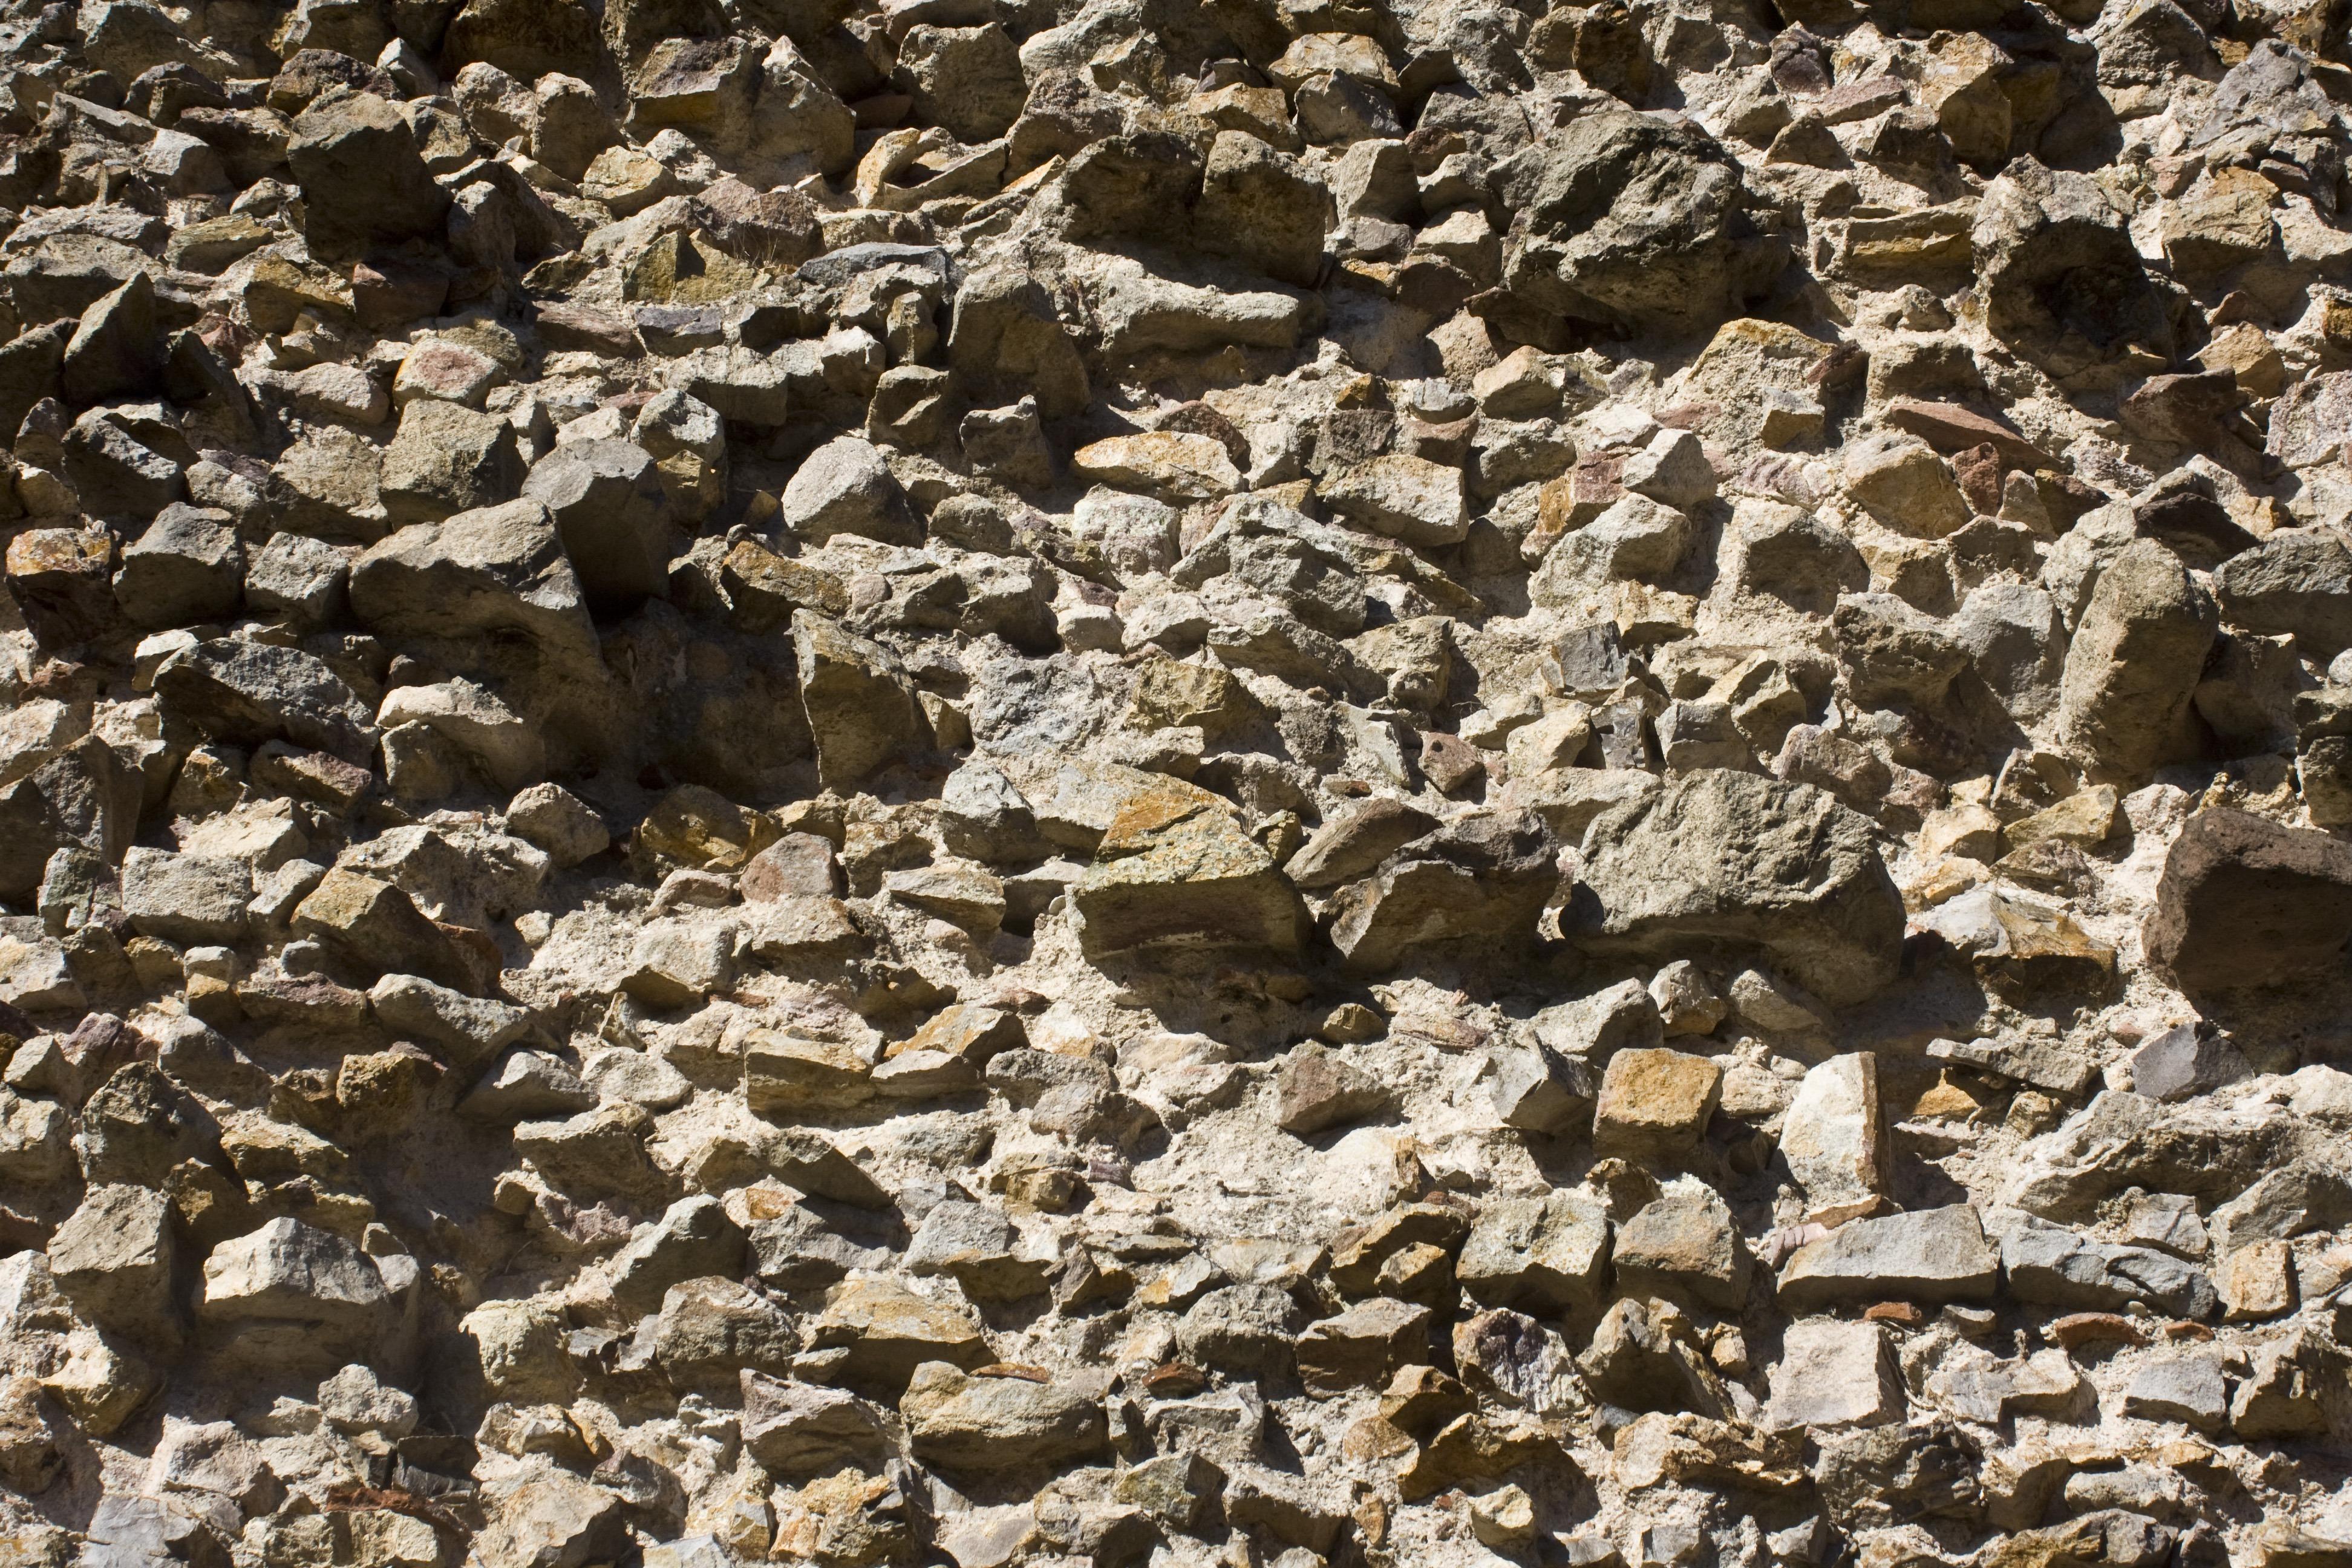 fotos gratis rock estructura textura antiguo guijarro suelo pared de piedra material escombros fondo geologa grava papel pintado base